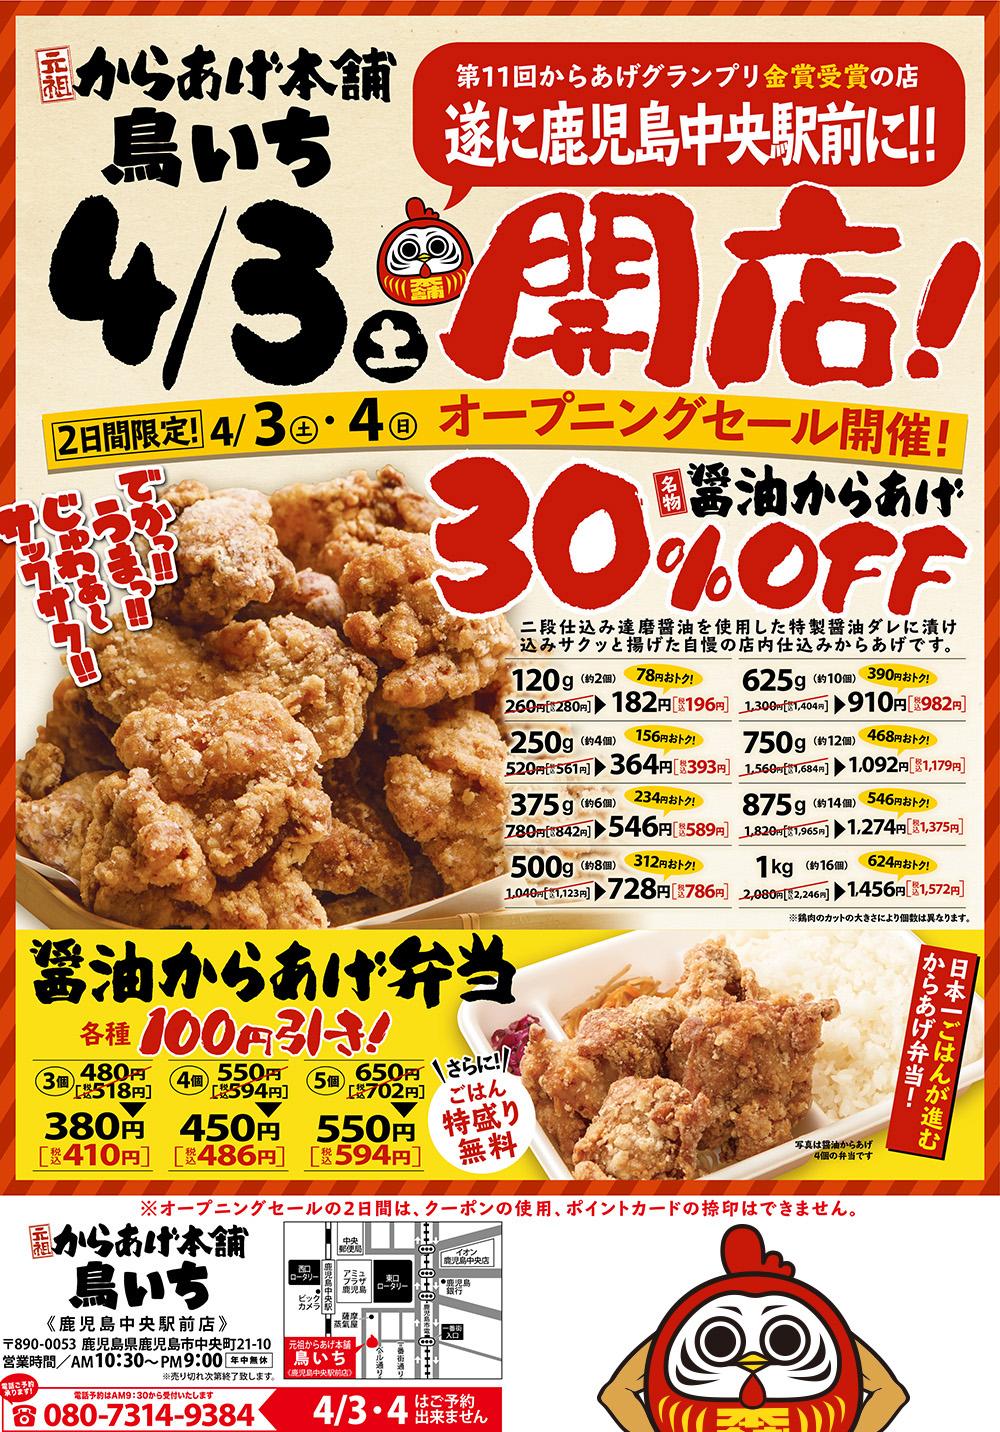 元祖からあげ本舗鳥いち鹿児島中央駅前店オープン!